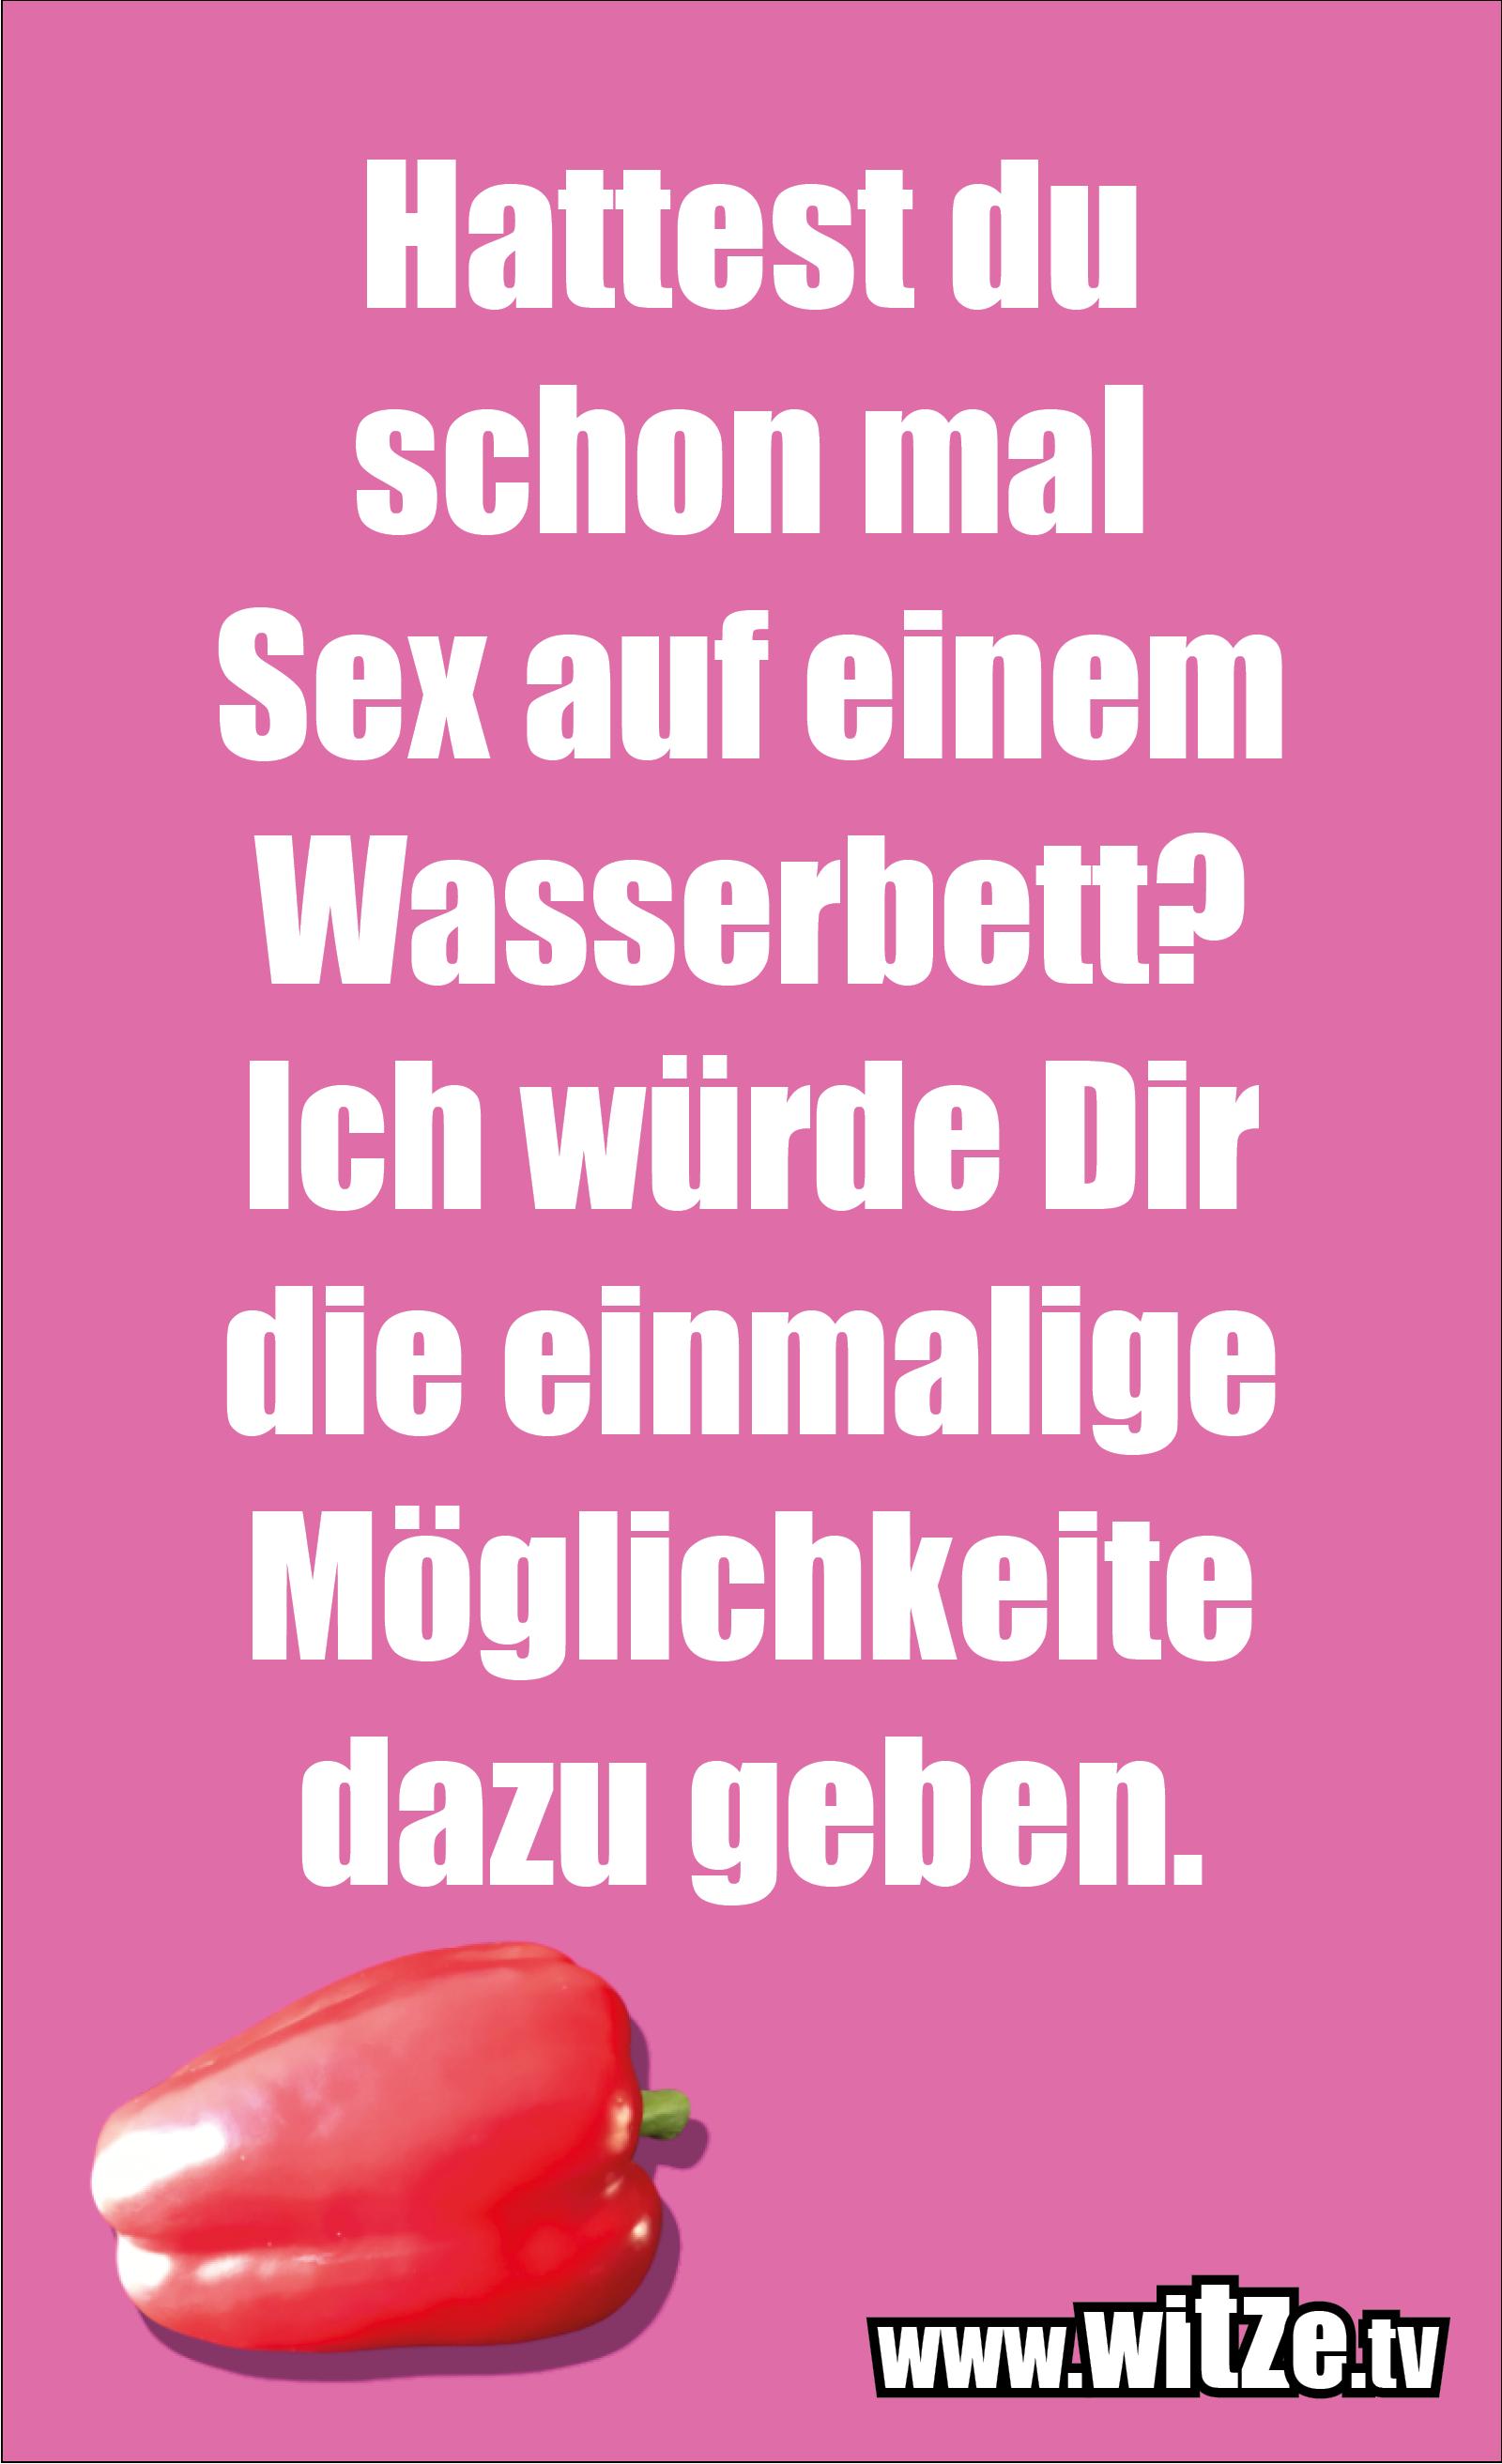 Lustige Anmachsprüche… Hattest du schon mal Sex auf einem Wasserbett?  Ich würde Dir die einmalige Möglichkeite dazu geben.